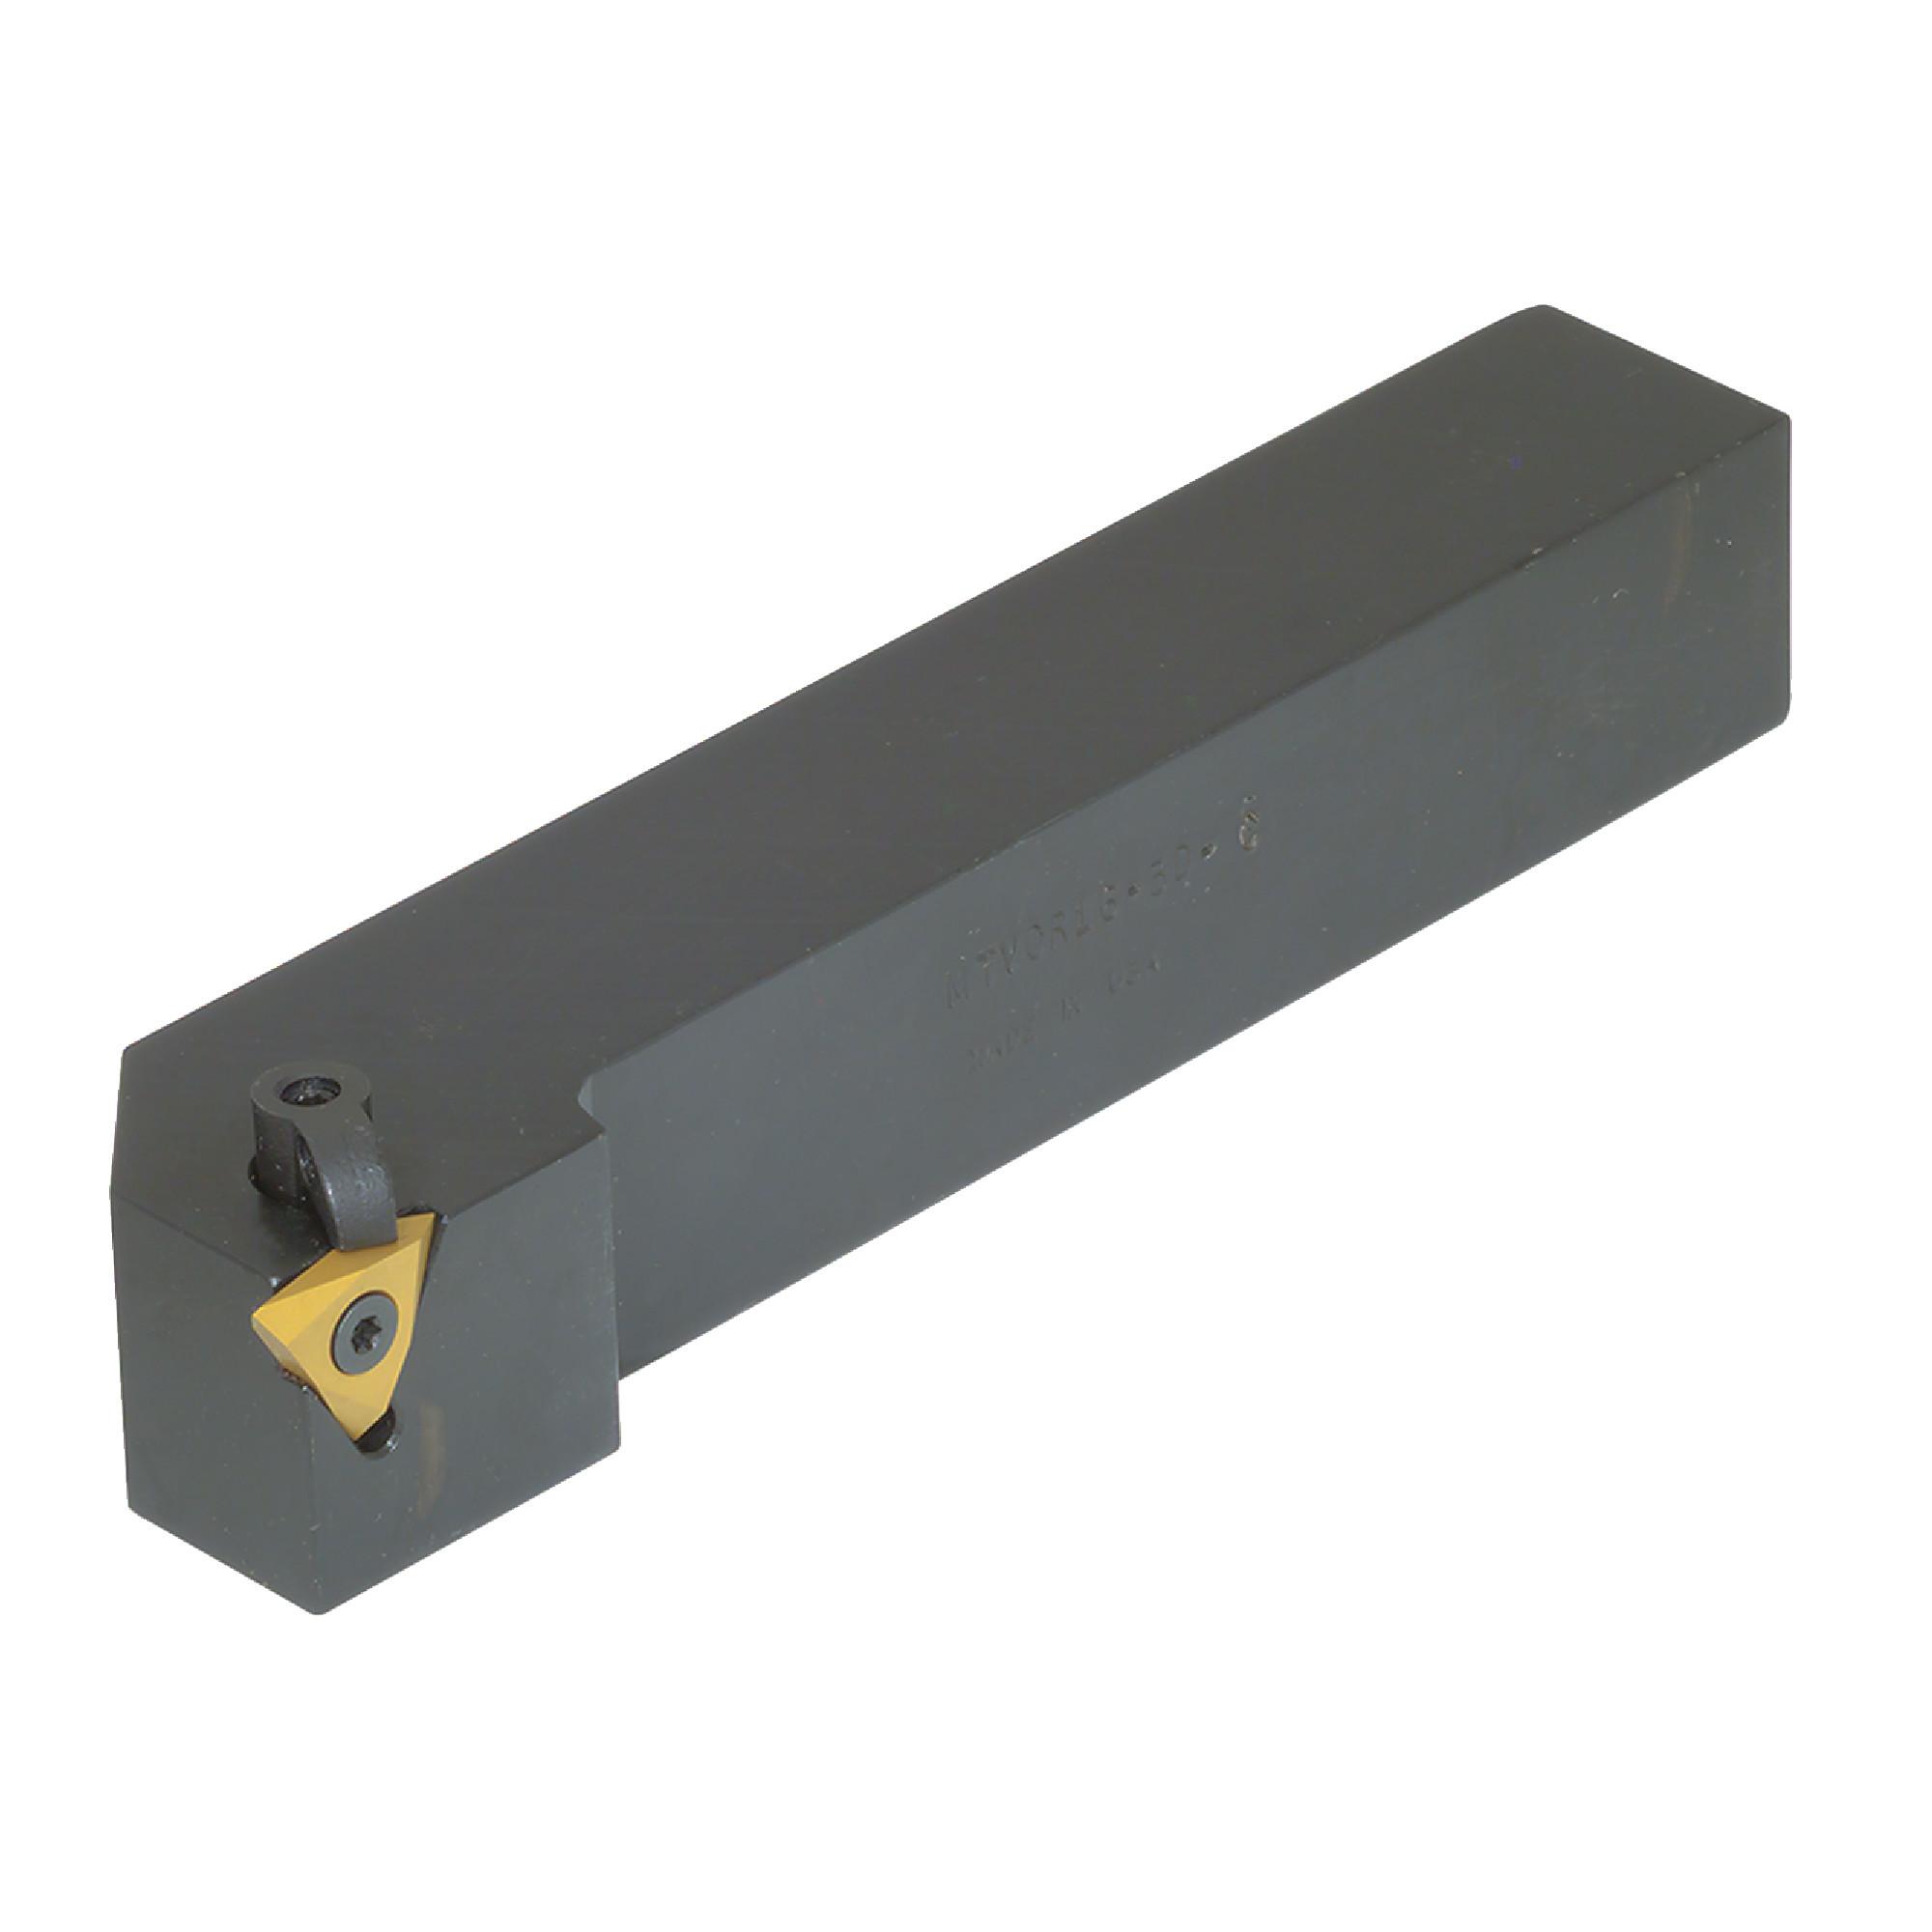 """DORIAN - MTVOR10-3B-C / 0.625"""" Shank External Holder / TNMA32 Insert / Right Hand"""